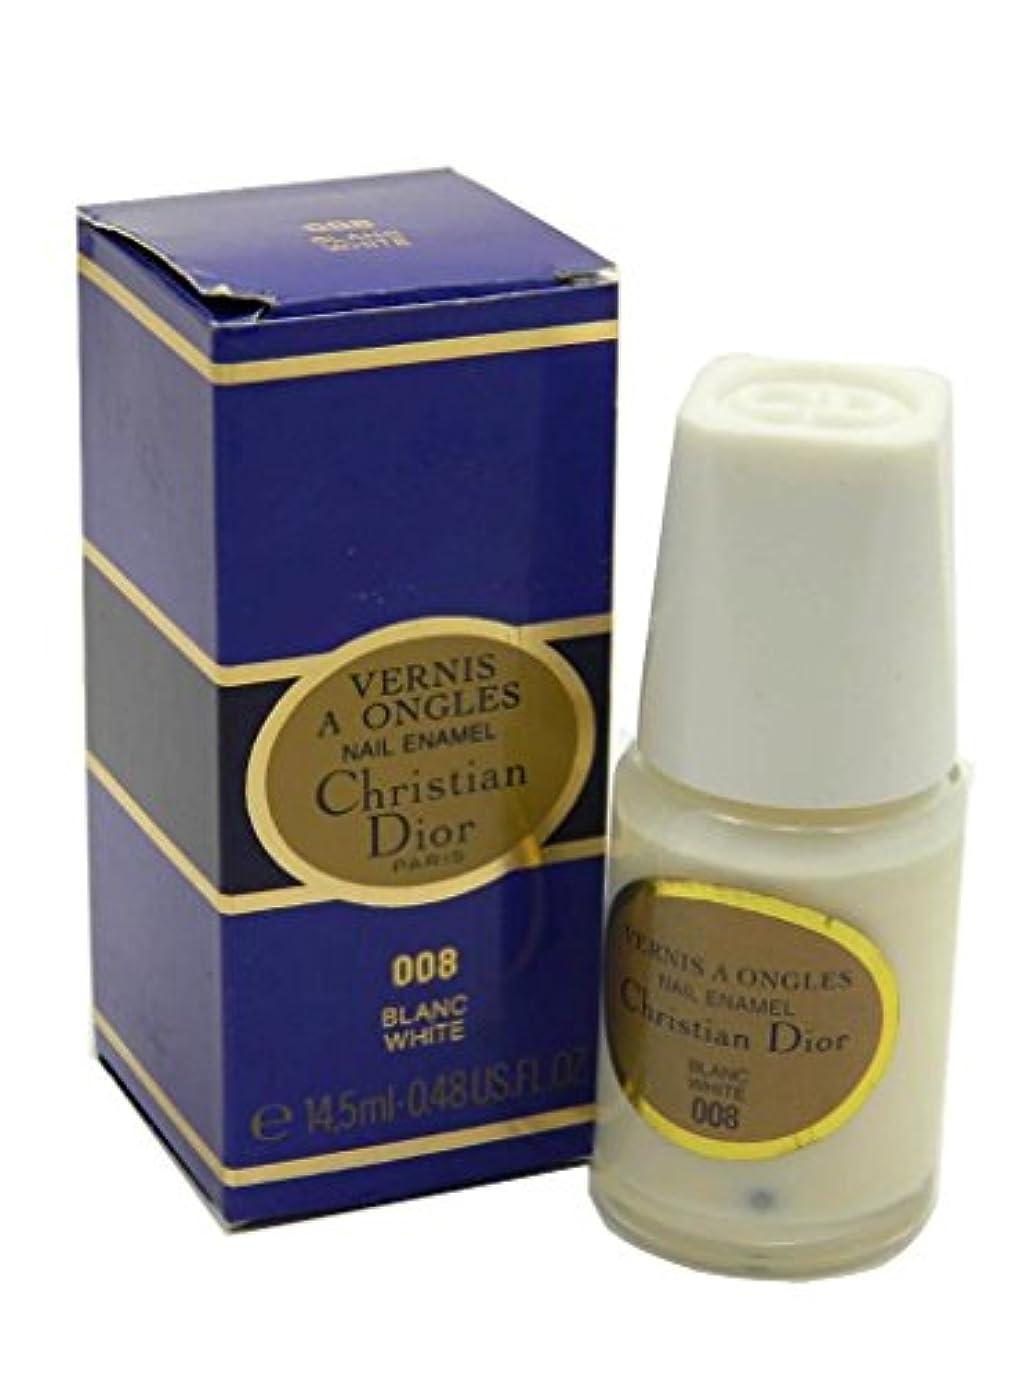 スーパーマーケット乱用皮肉Dior Vernis A Ongles Nail Enamel Polish 008 White(ディオール ヴェルニ ア オングル ネイルエナメル ポリッシュ 008 ホワイト) [並行輸入品]